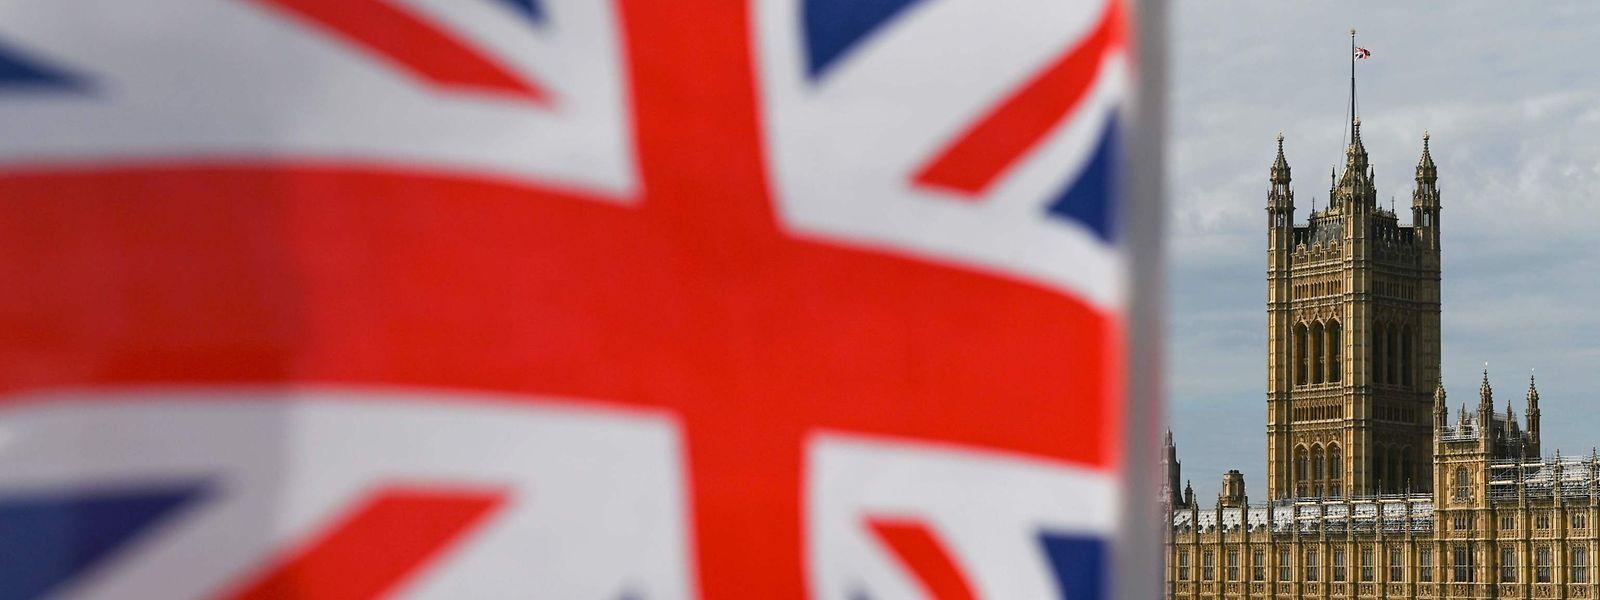 Les demandes de naturalisation s'accélèrent à l'approche d'un possible Brexit sans accord.